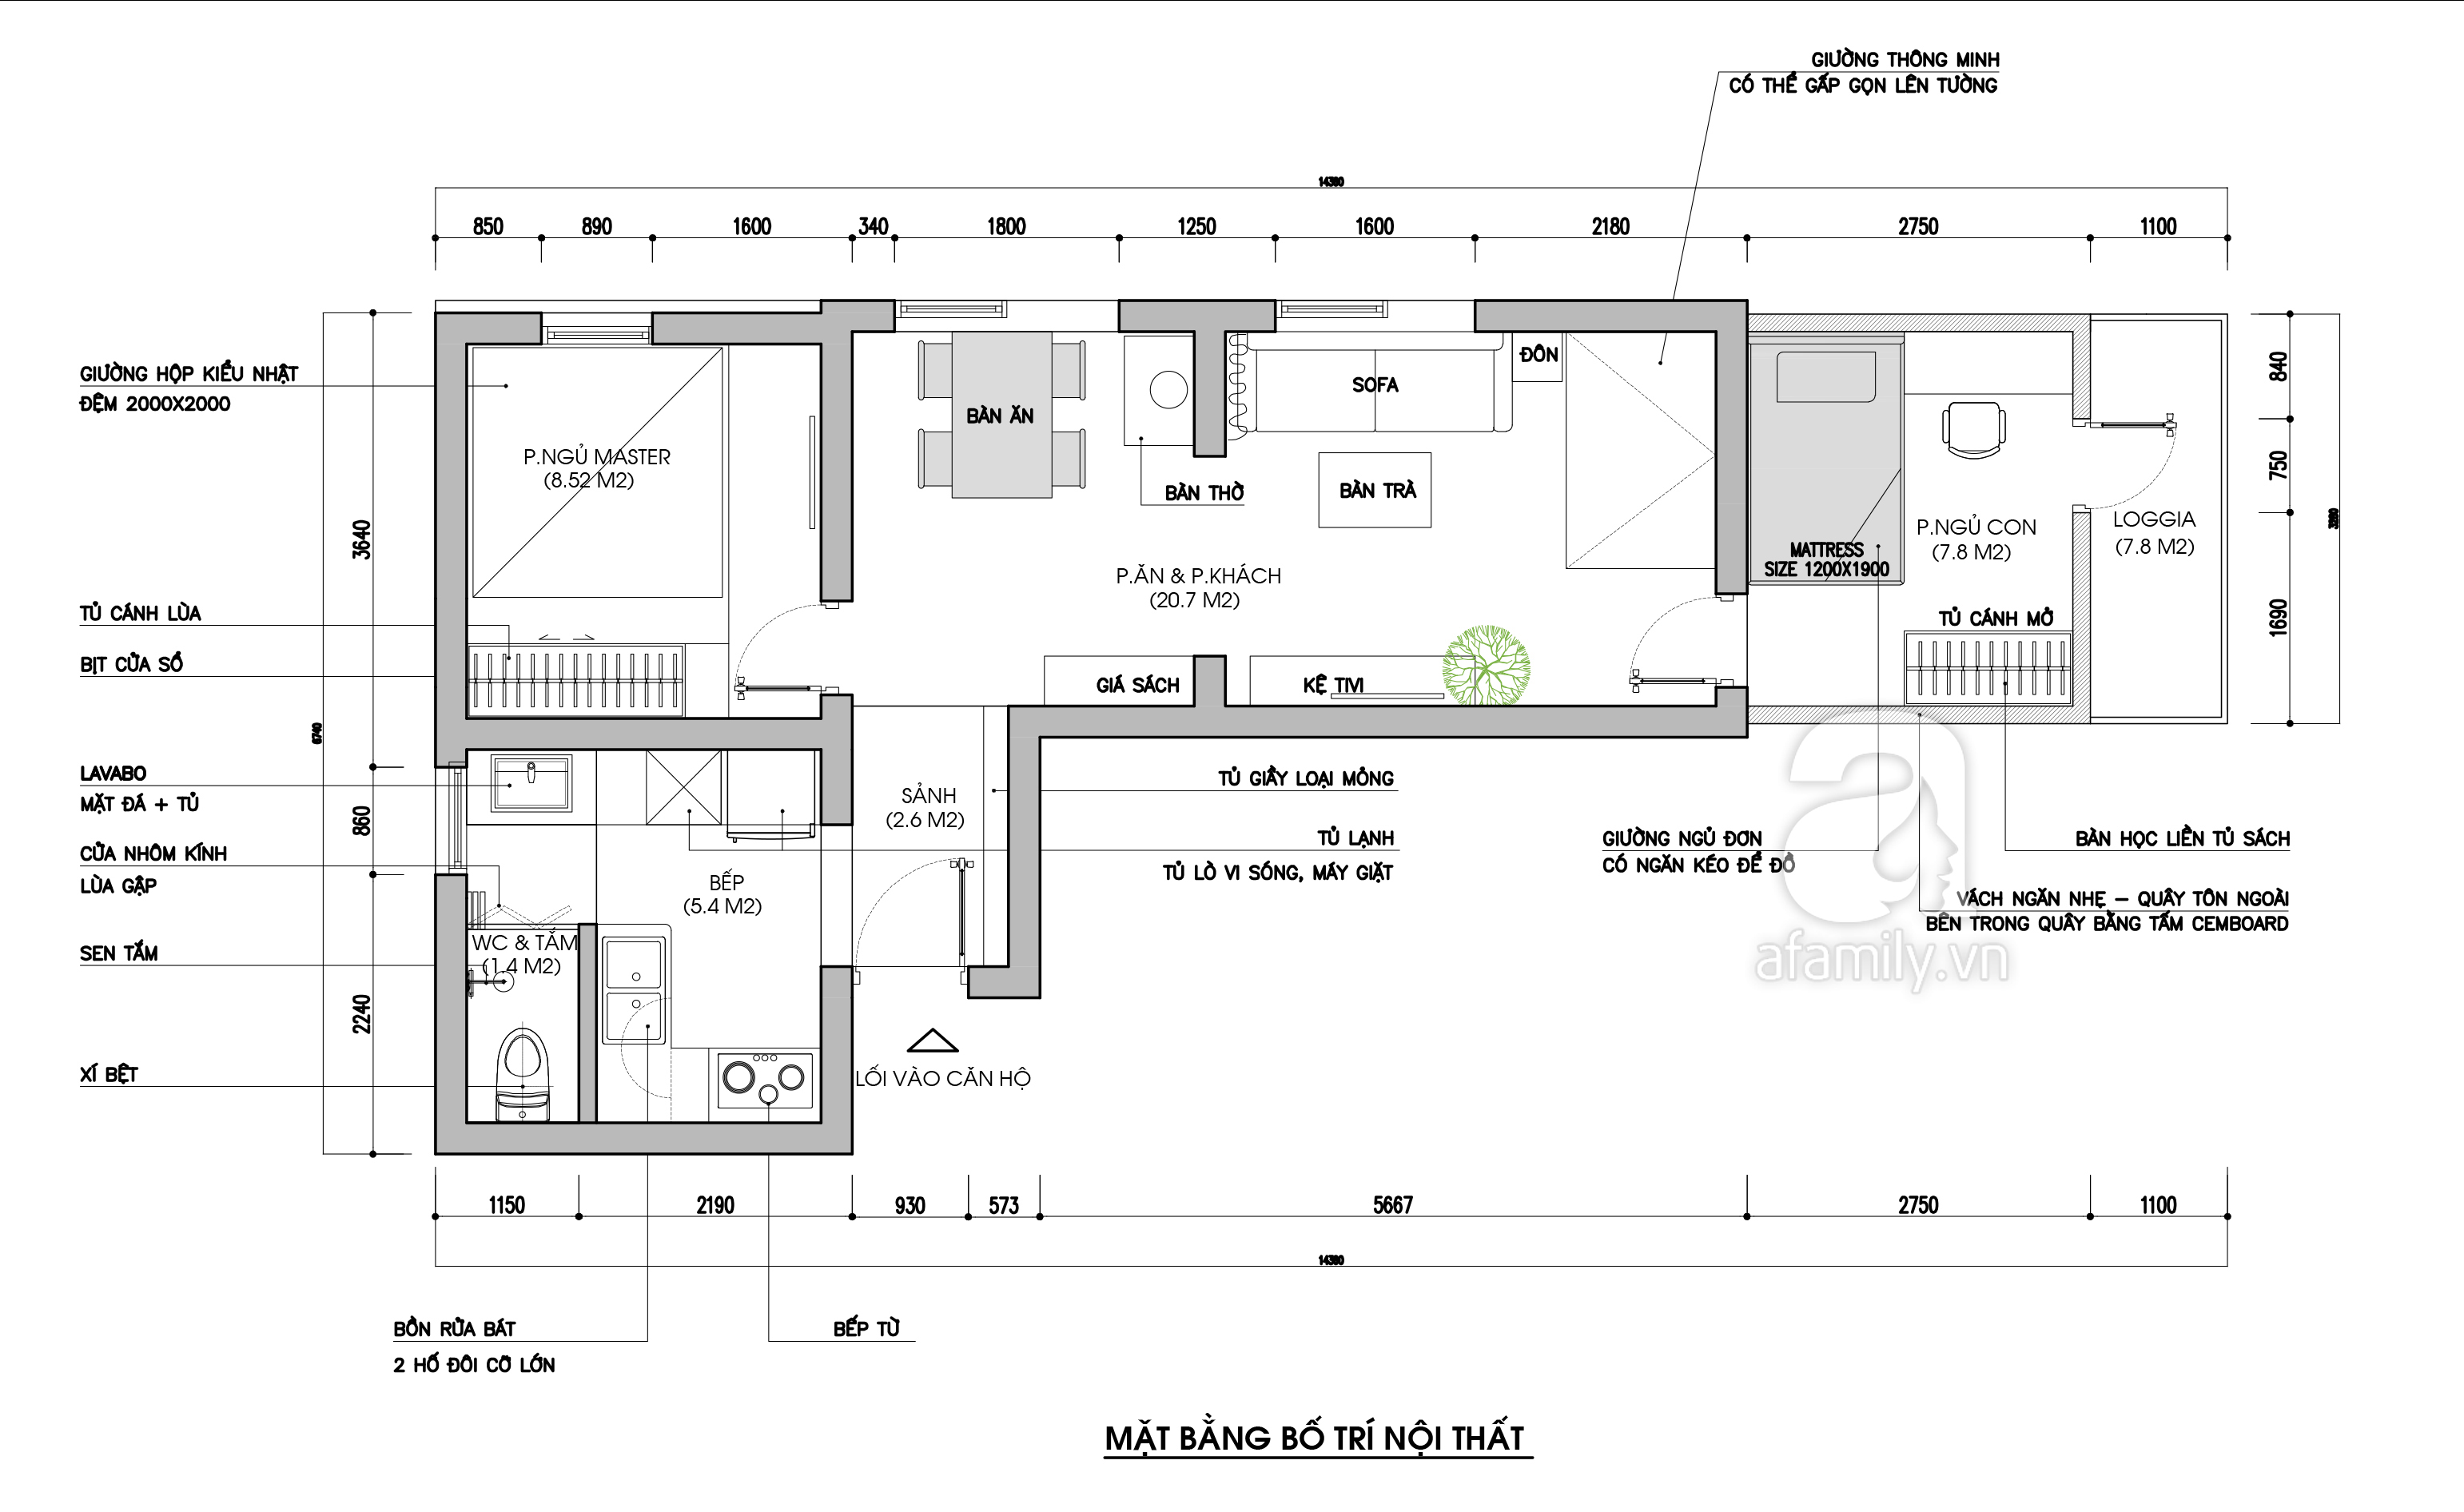 Tư vấn thiết kế cải tạo căn hộ tập thể 50m² với tổng chi phí 180 triệu đồng - Ảnh 3.